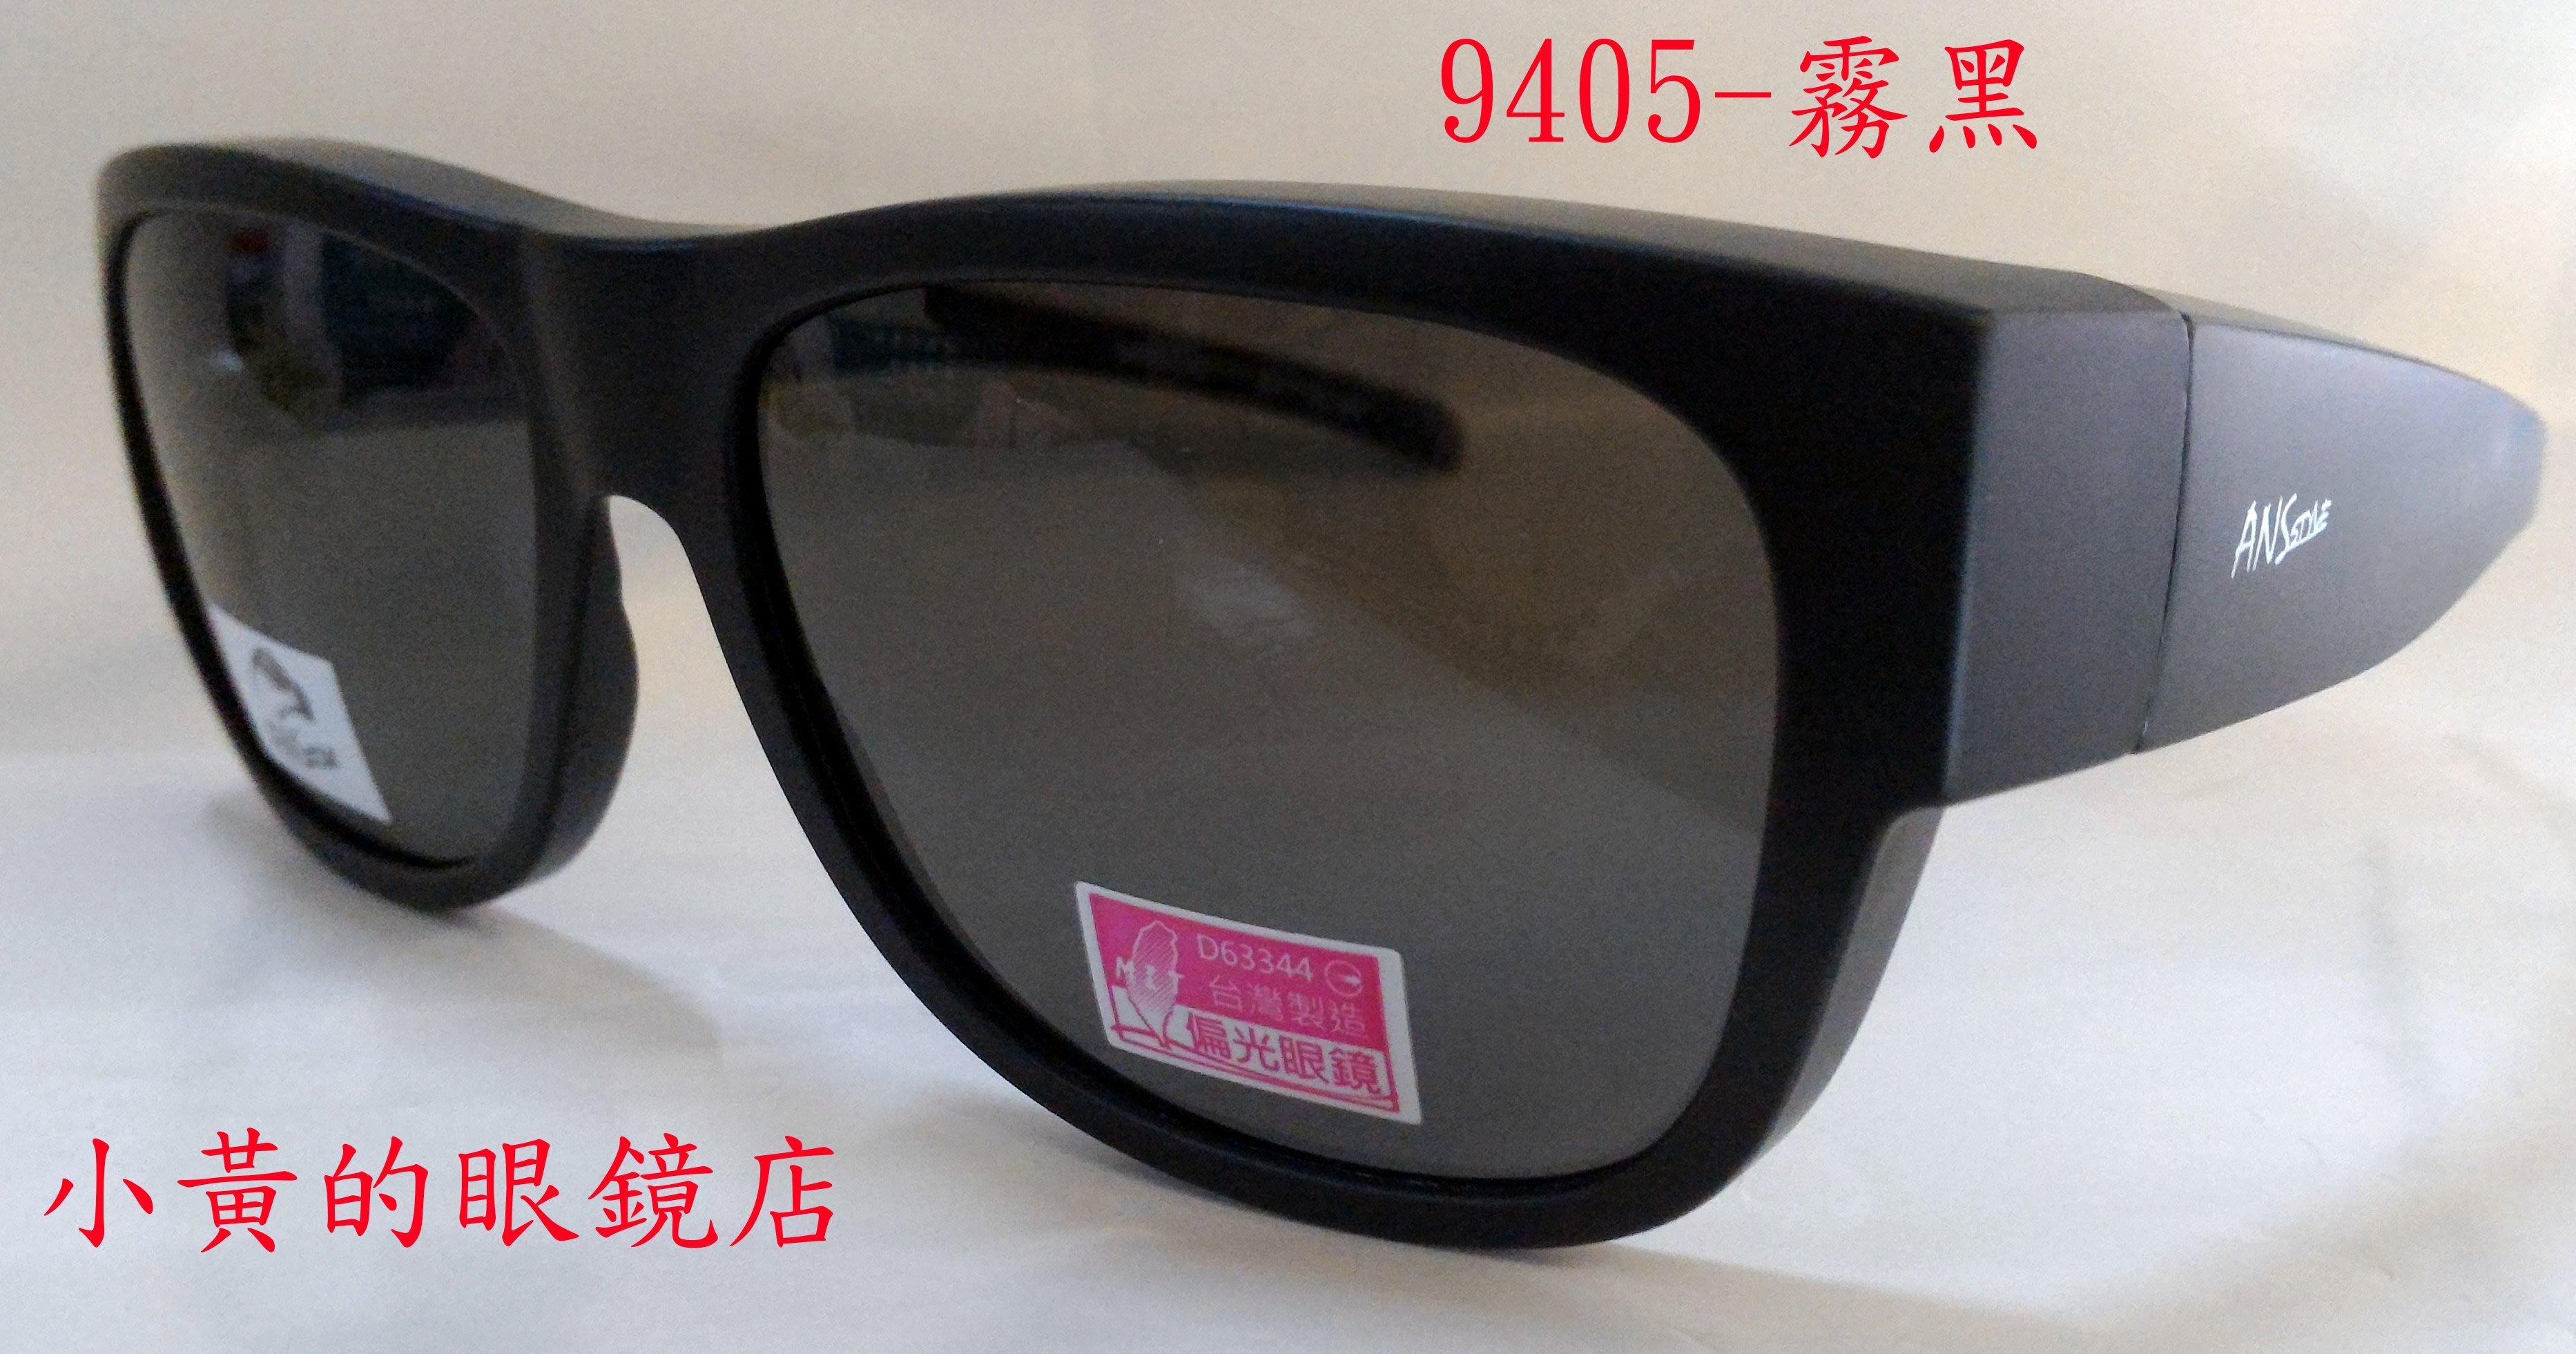 [小黃的眼鏡店] 購物台 熱賣 新款偏光太陽眼鏡(套鏡) 9405 (可直接內戴 近視眼鏡 使用)